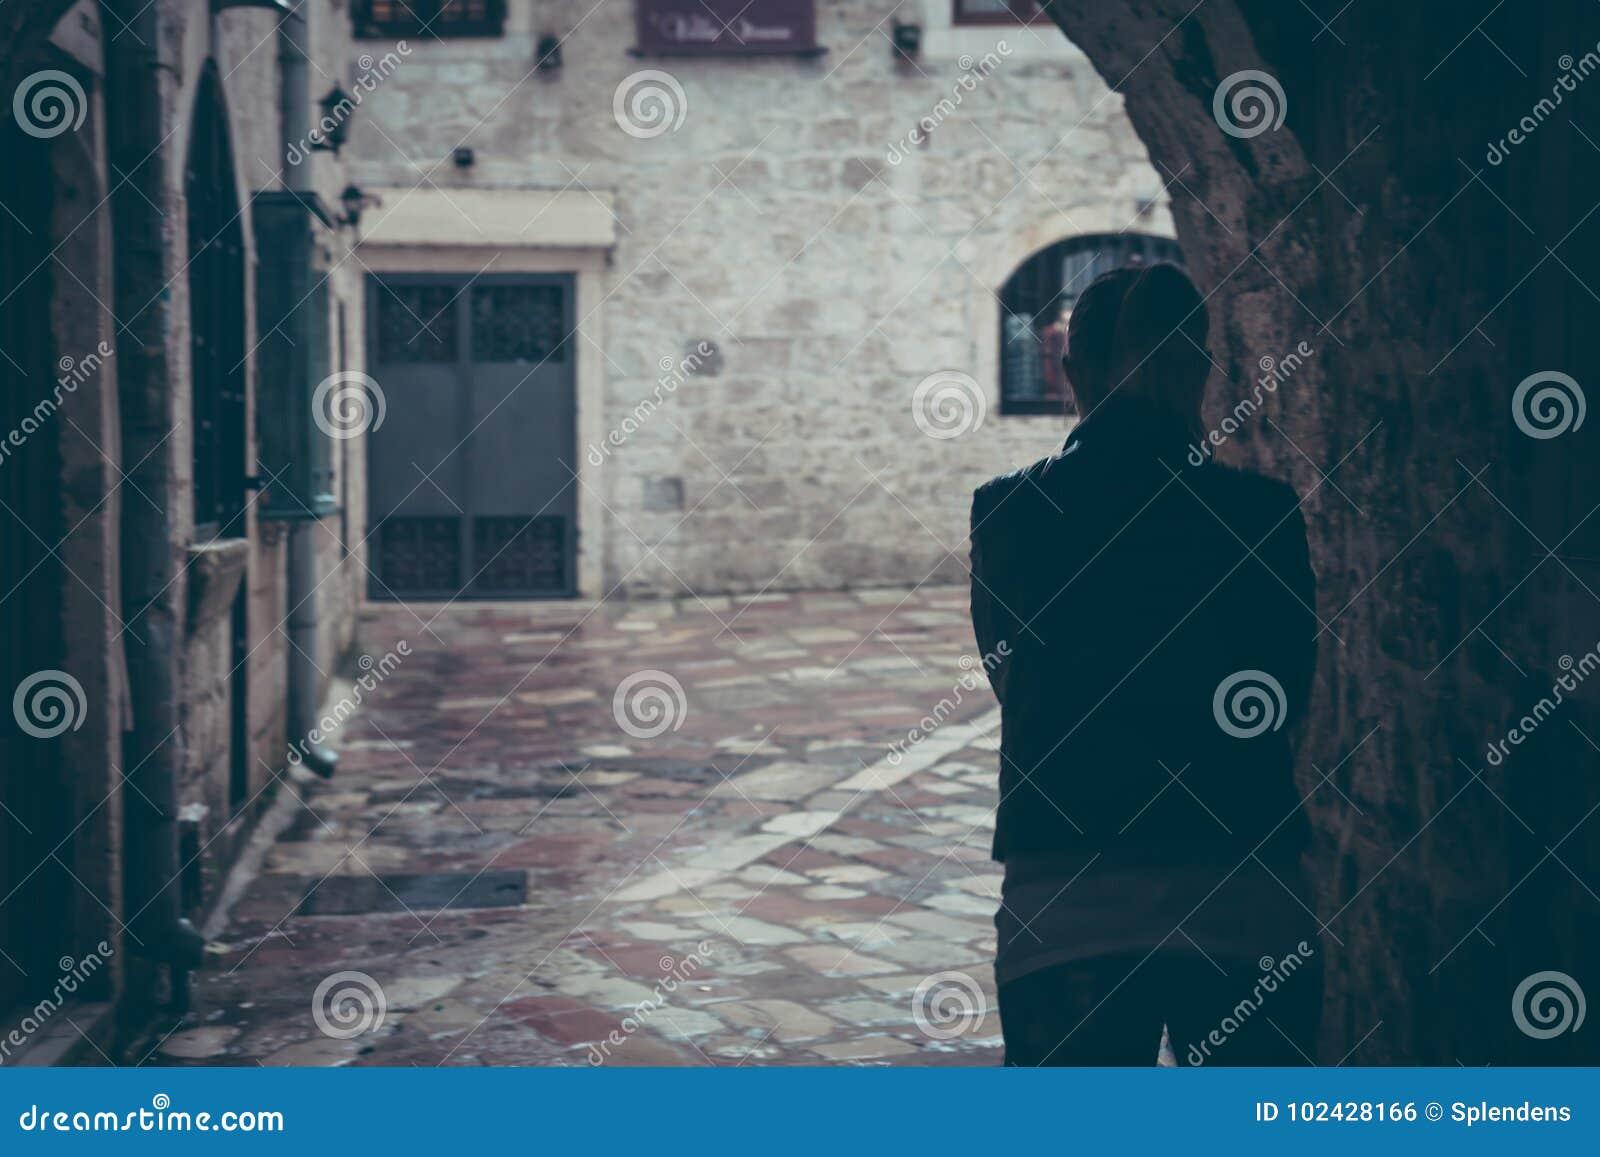 Μόνη σκιαγραφία γυναικών που περπατά μέσω της σκοτεινής σήραγγας της οδού στη βροχερή ημέρα στην παλαιά πόλη κατά τη διάρκεια της